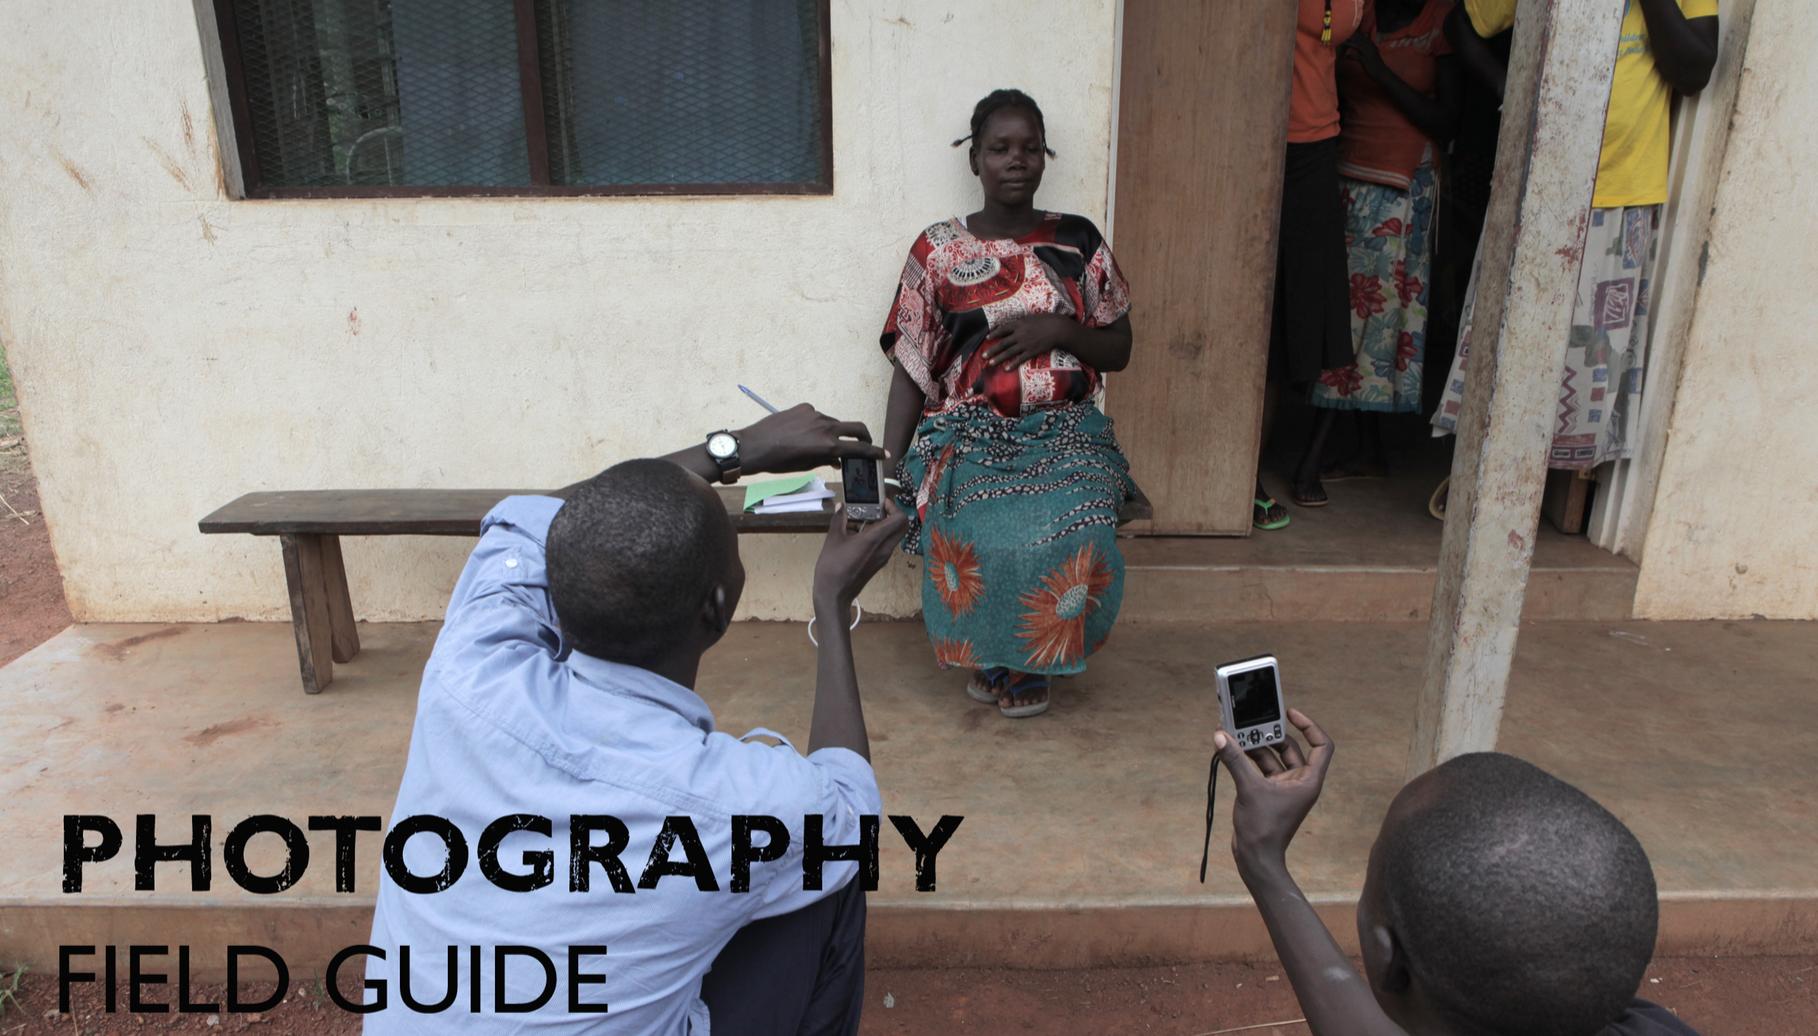 PhotographyFieldGuide